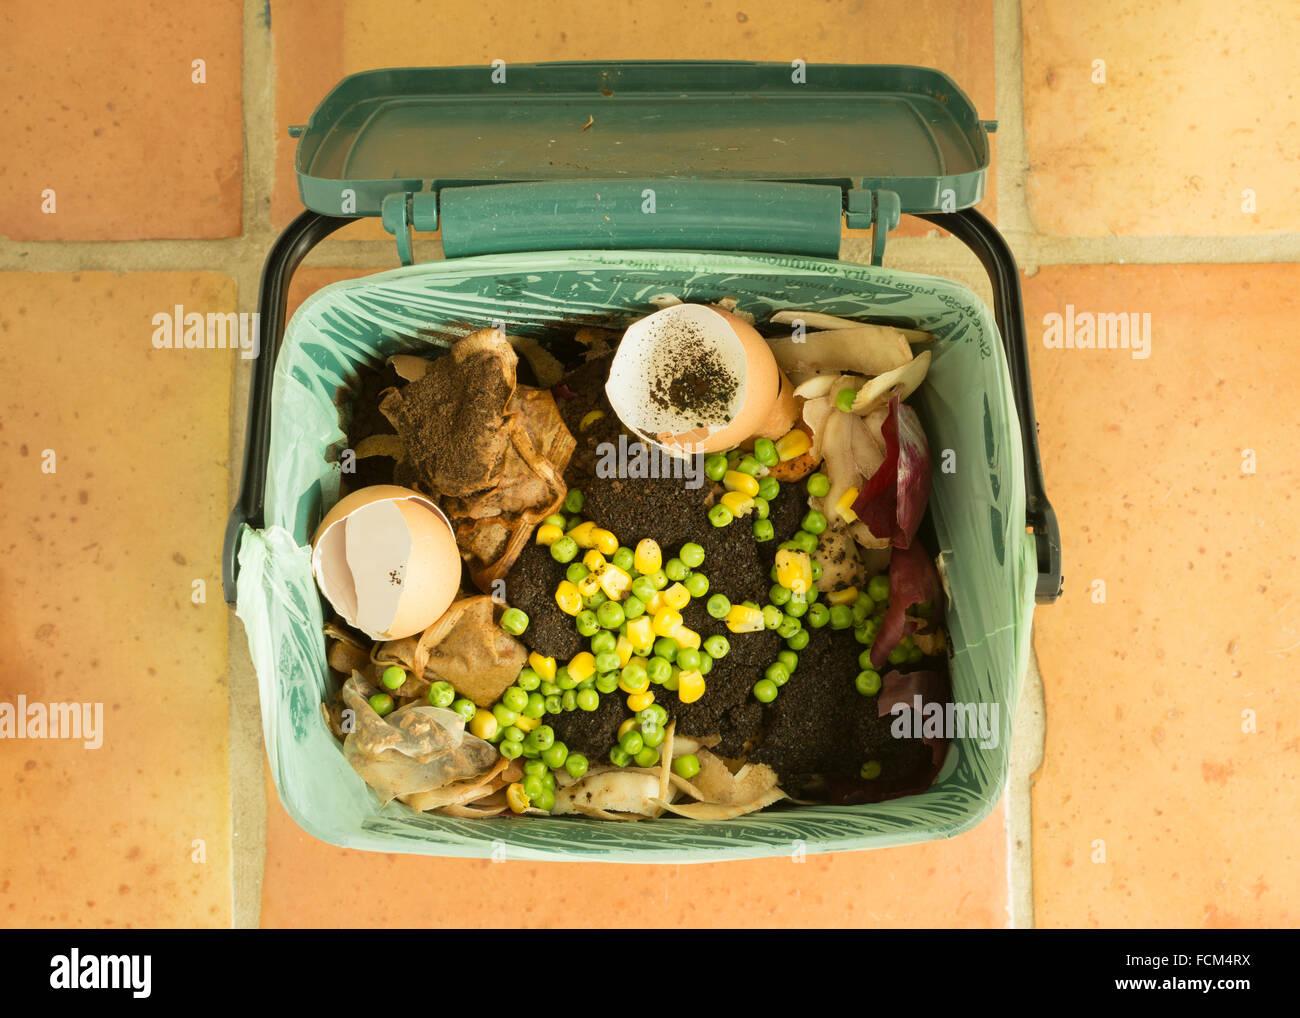 I rifiuti alimentari - coperta di riciclo alimentare caddy piena di rifiuti di cucina per il riciclaggio o compostaggio Immagini Stock